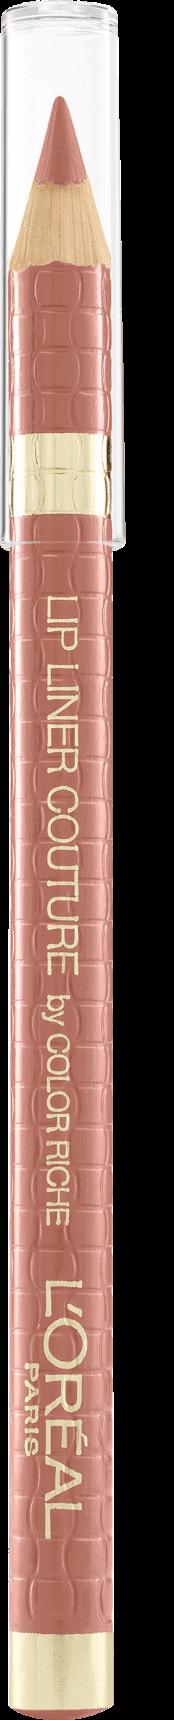 Loreal Paris Color Riche Lip Liner Couture konturovací tužka na rty 630 Beige a Nu 1,2 g